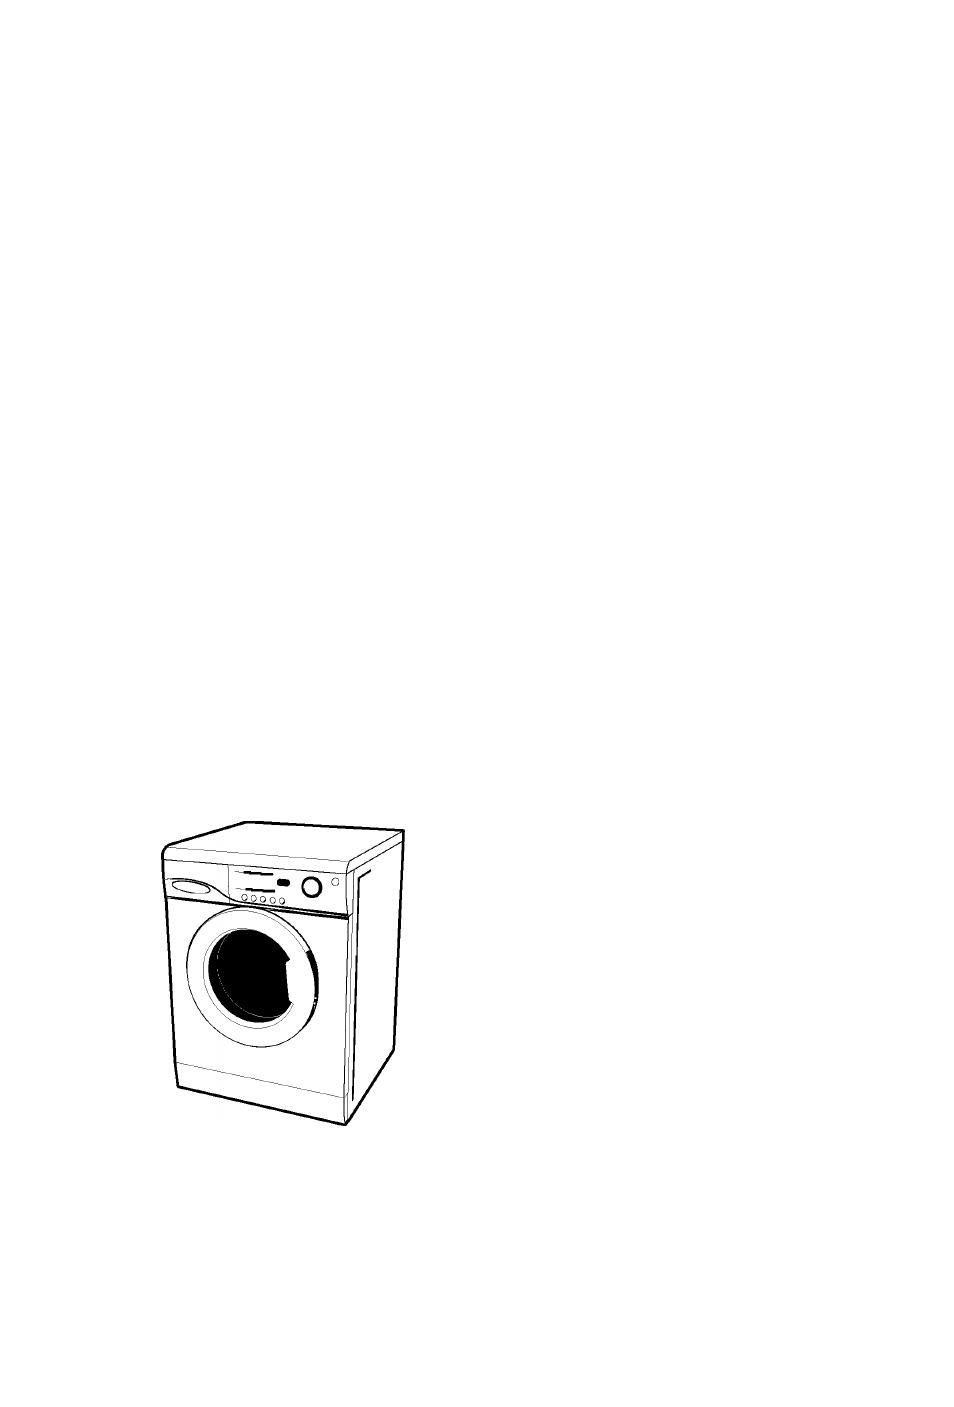 Стиральная Машина Самсунг Wf S861 инструкция - картинка 4